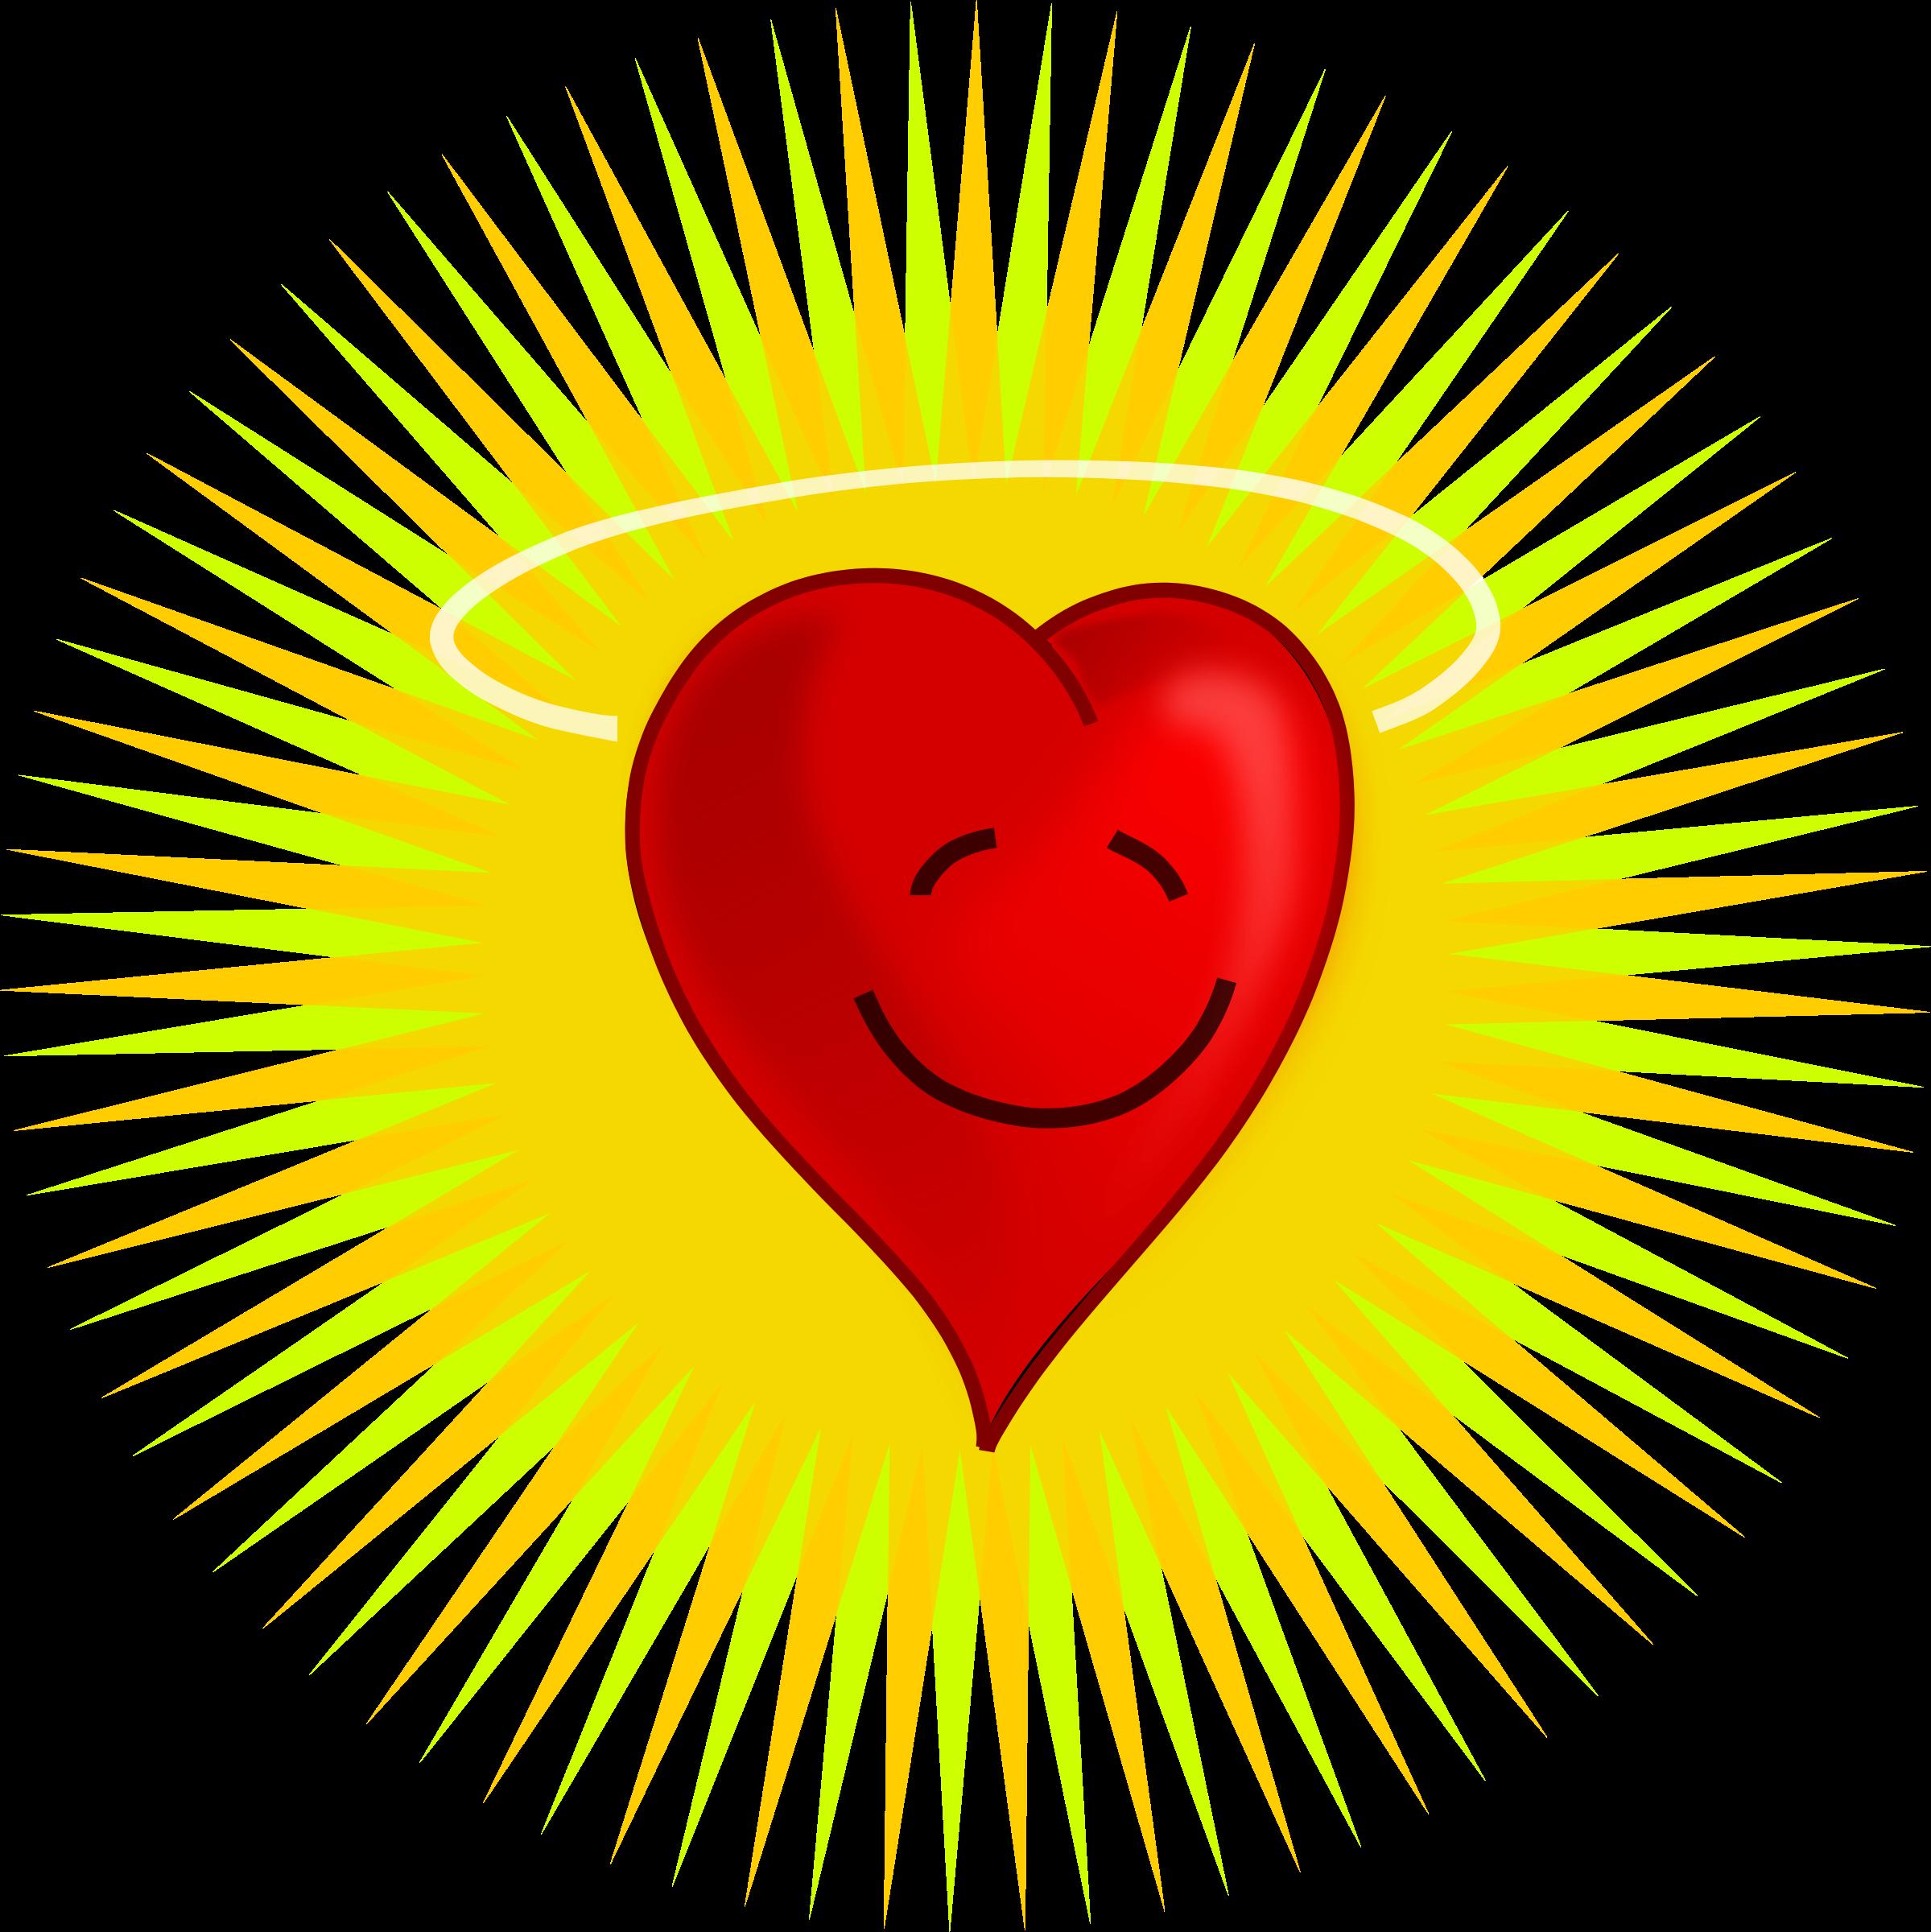 Heart clipart jpg jpg transparent download Clipart - Happy Heart jpg transparent download